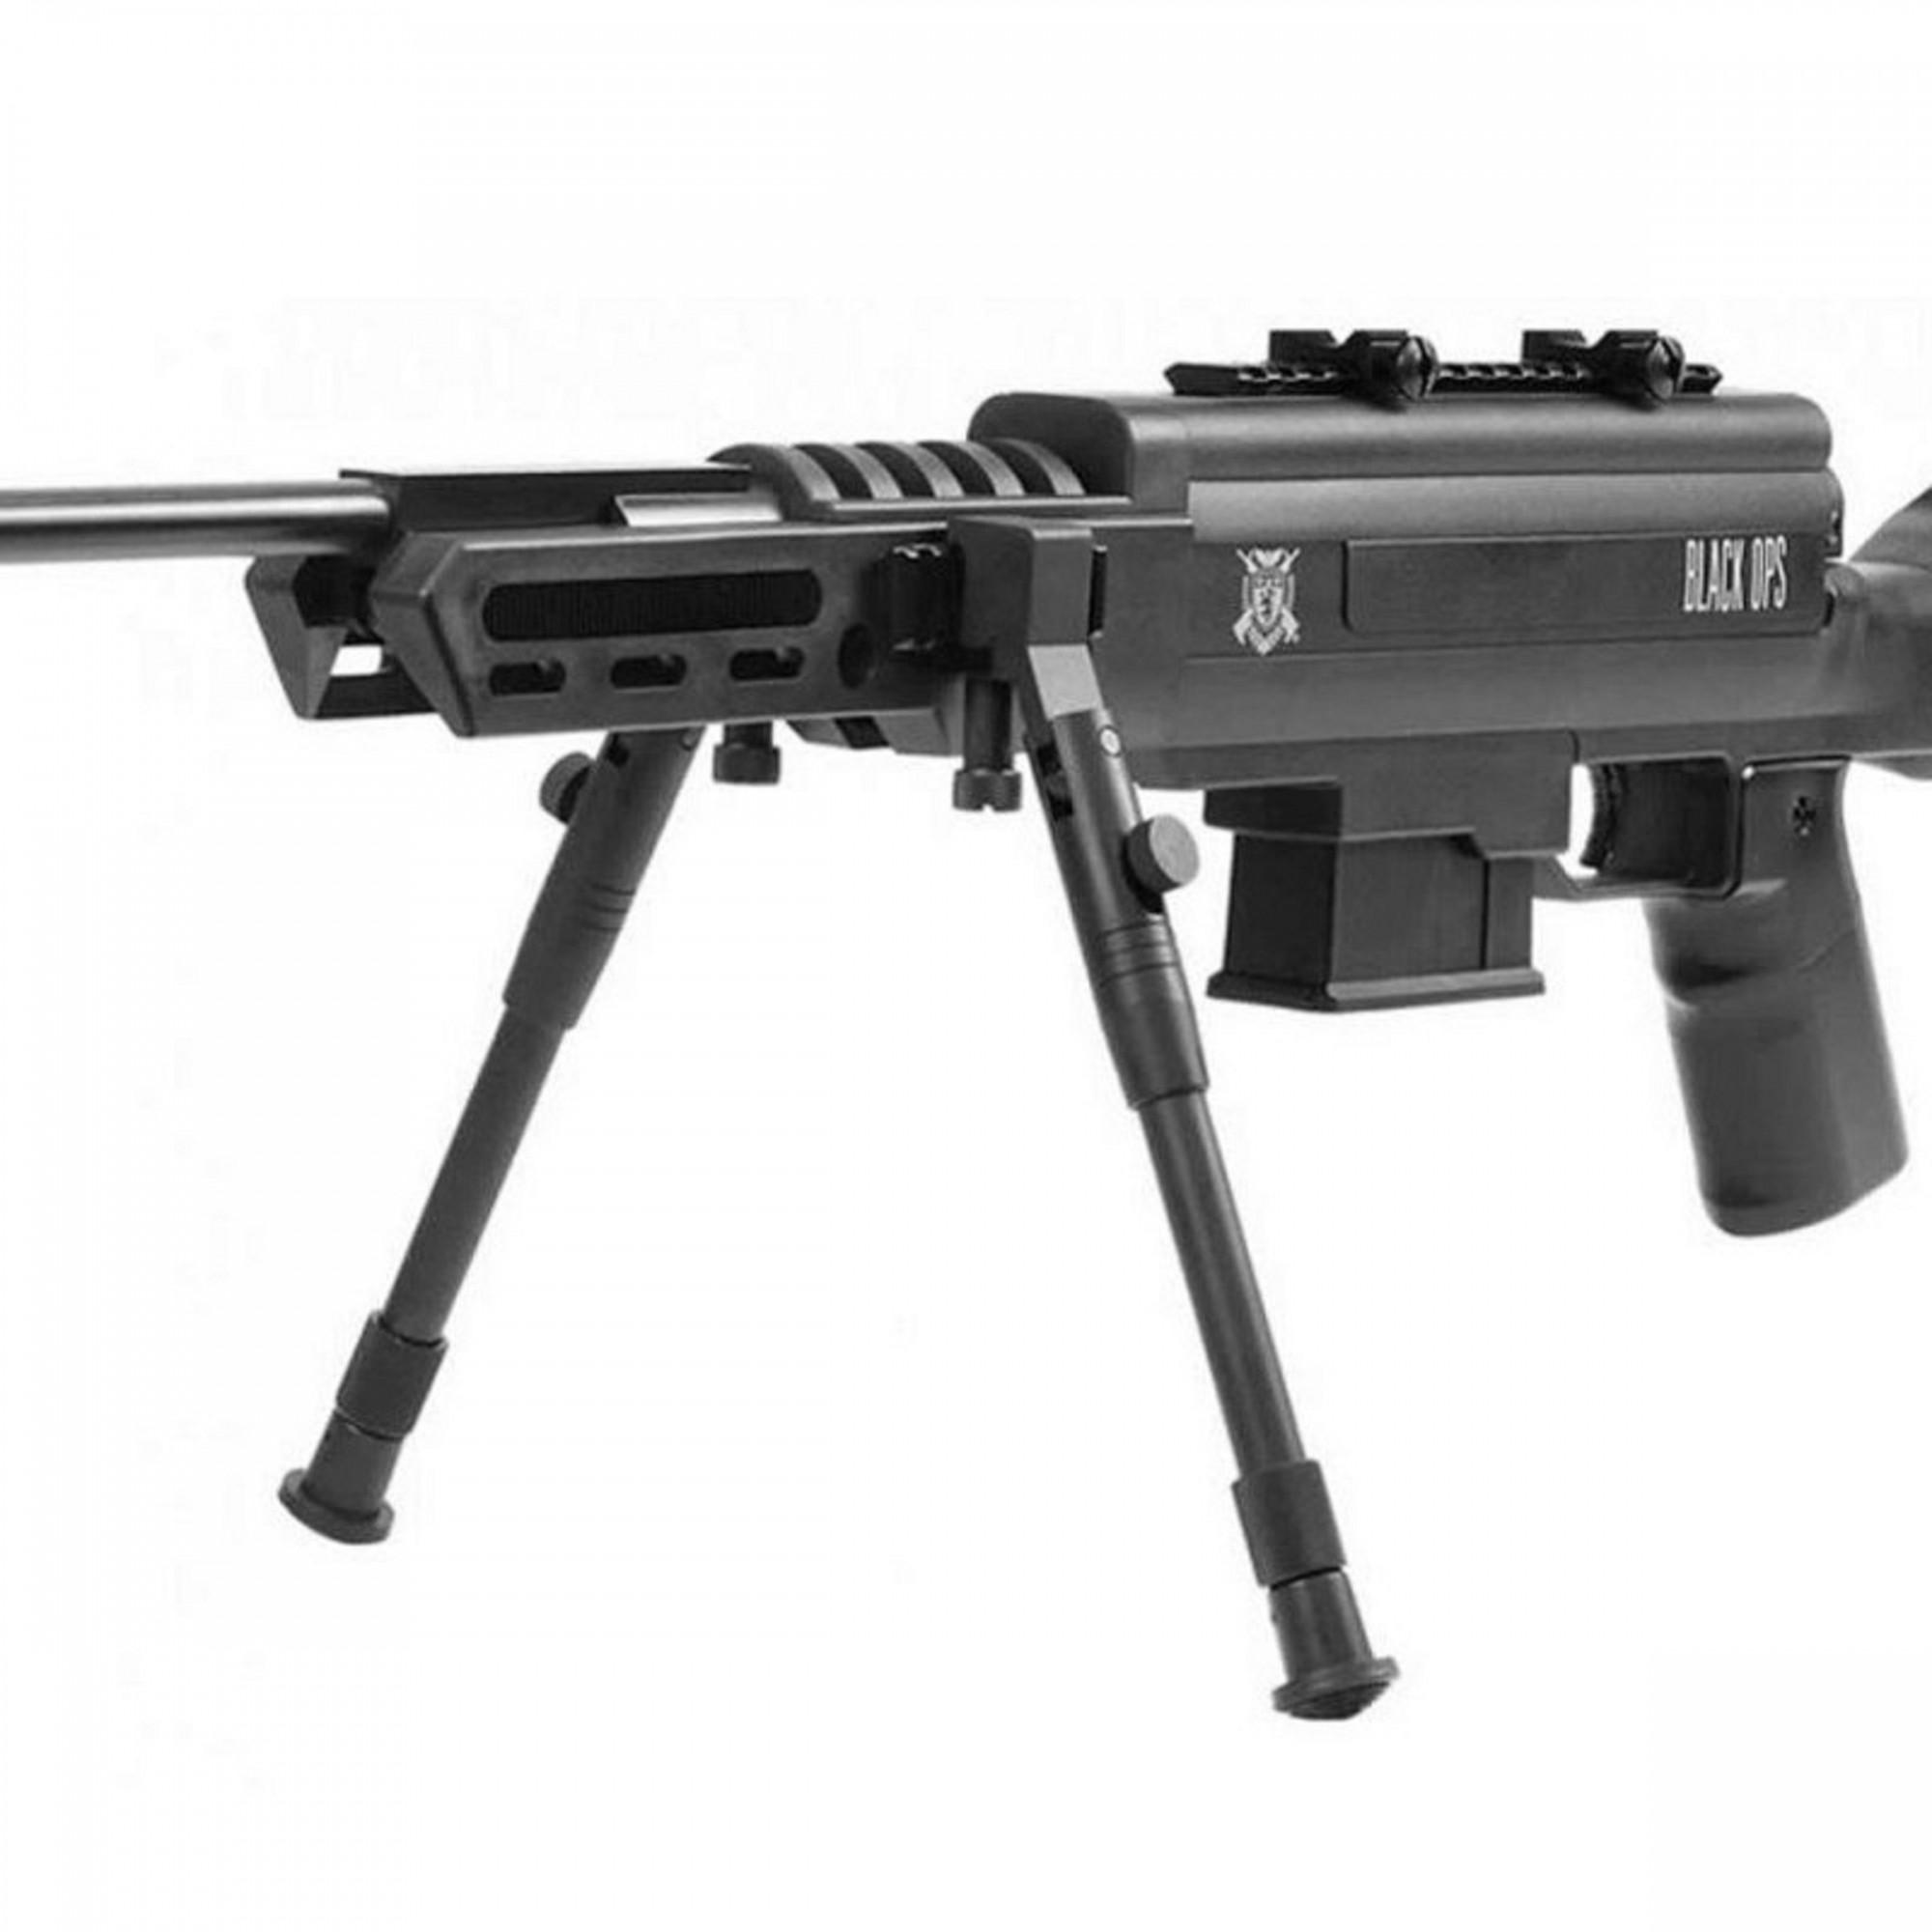 Carabina de Pressão Black Ops Sniper Nitro Gás Ram 5.5mm Com Luneta